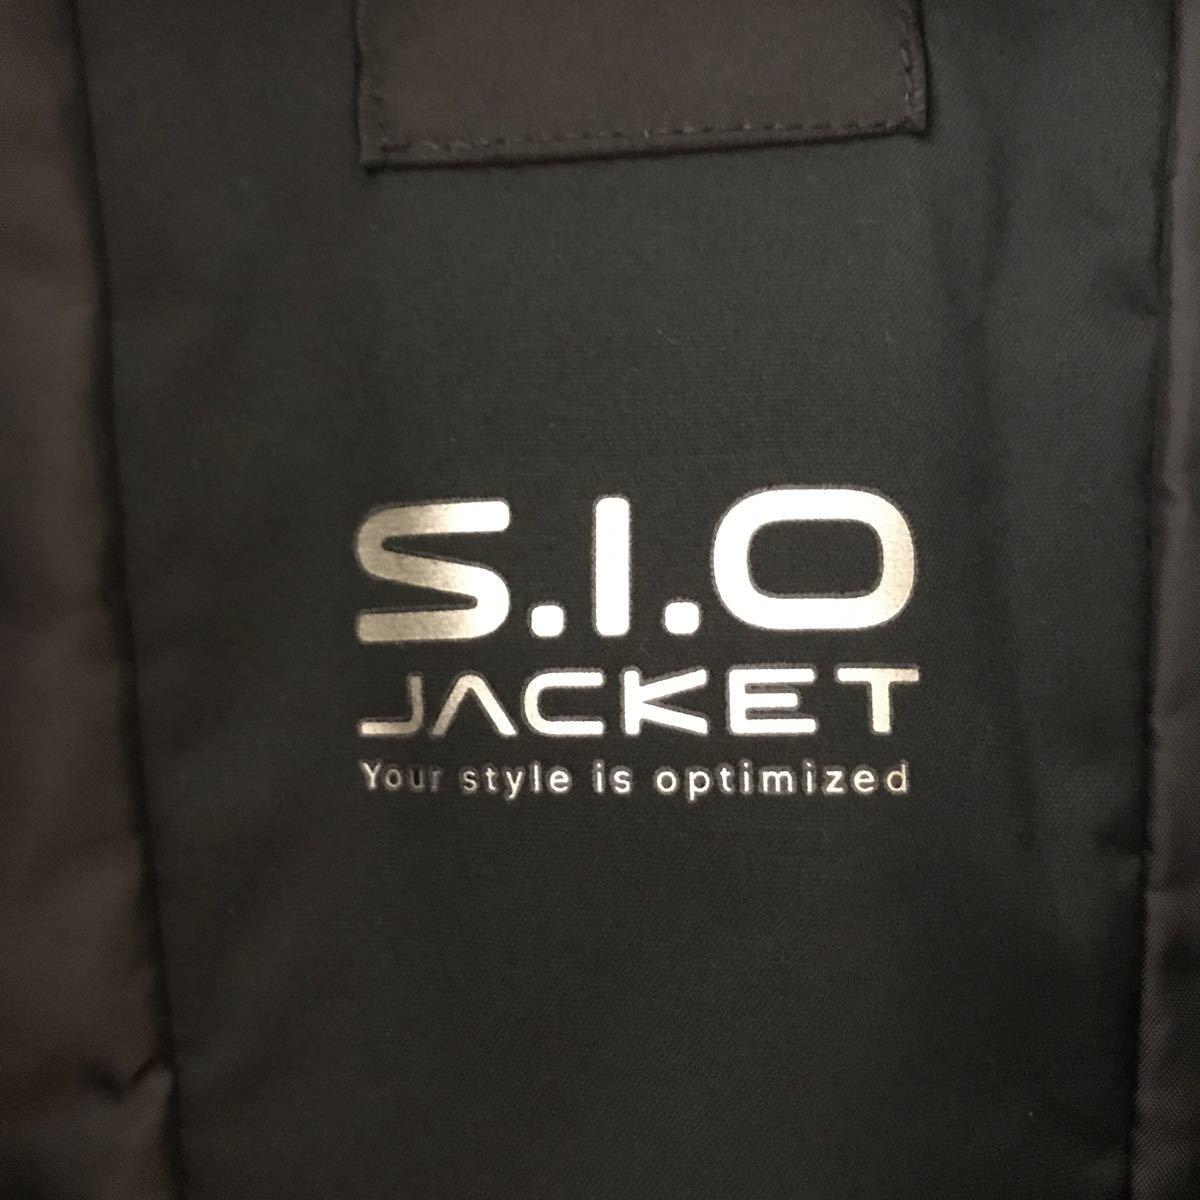 デサント S.I.O JACKET スキージャケット メンズ Sサイズ 送料込み!普段着使いとしてスキー場では未着用です!_画像3